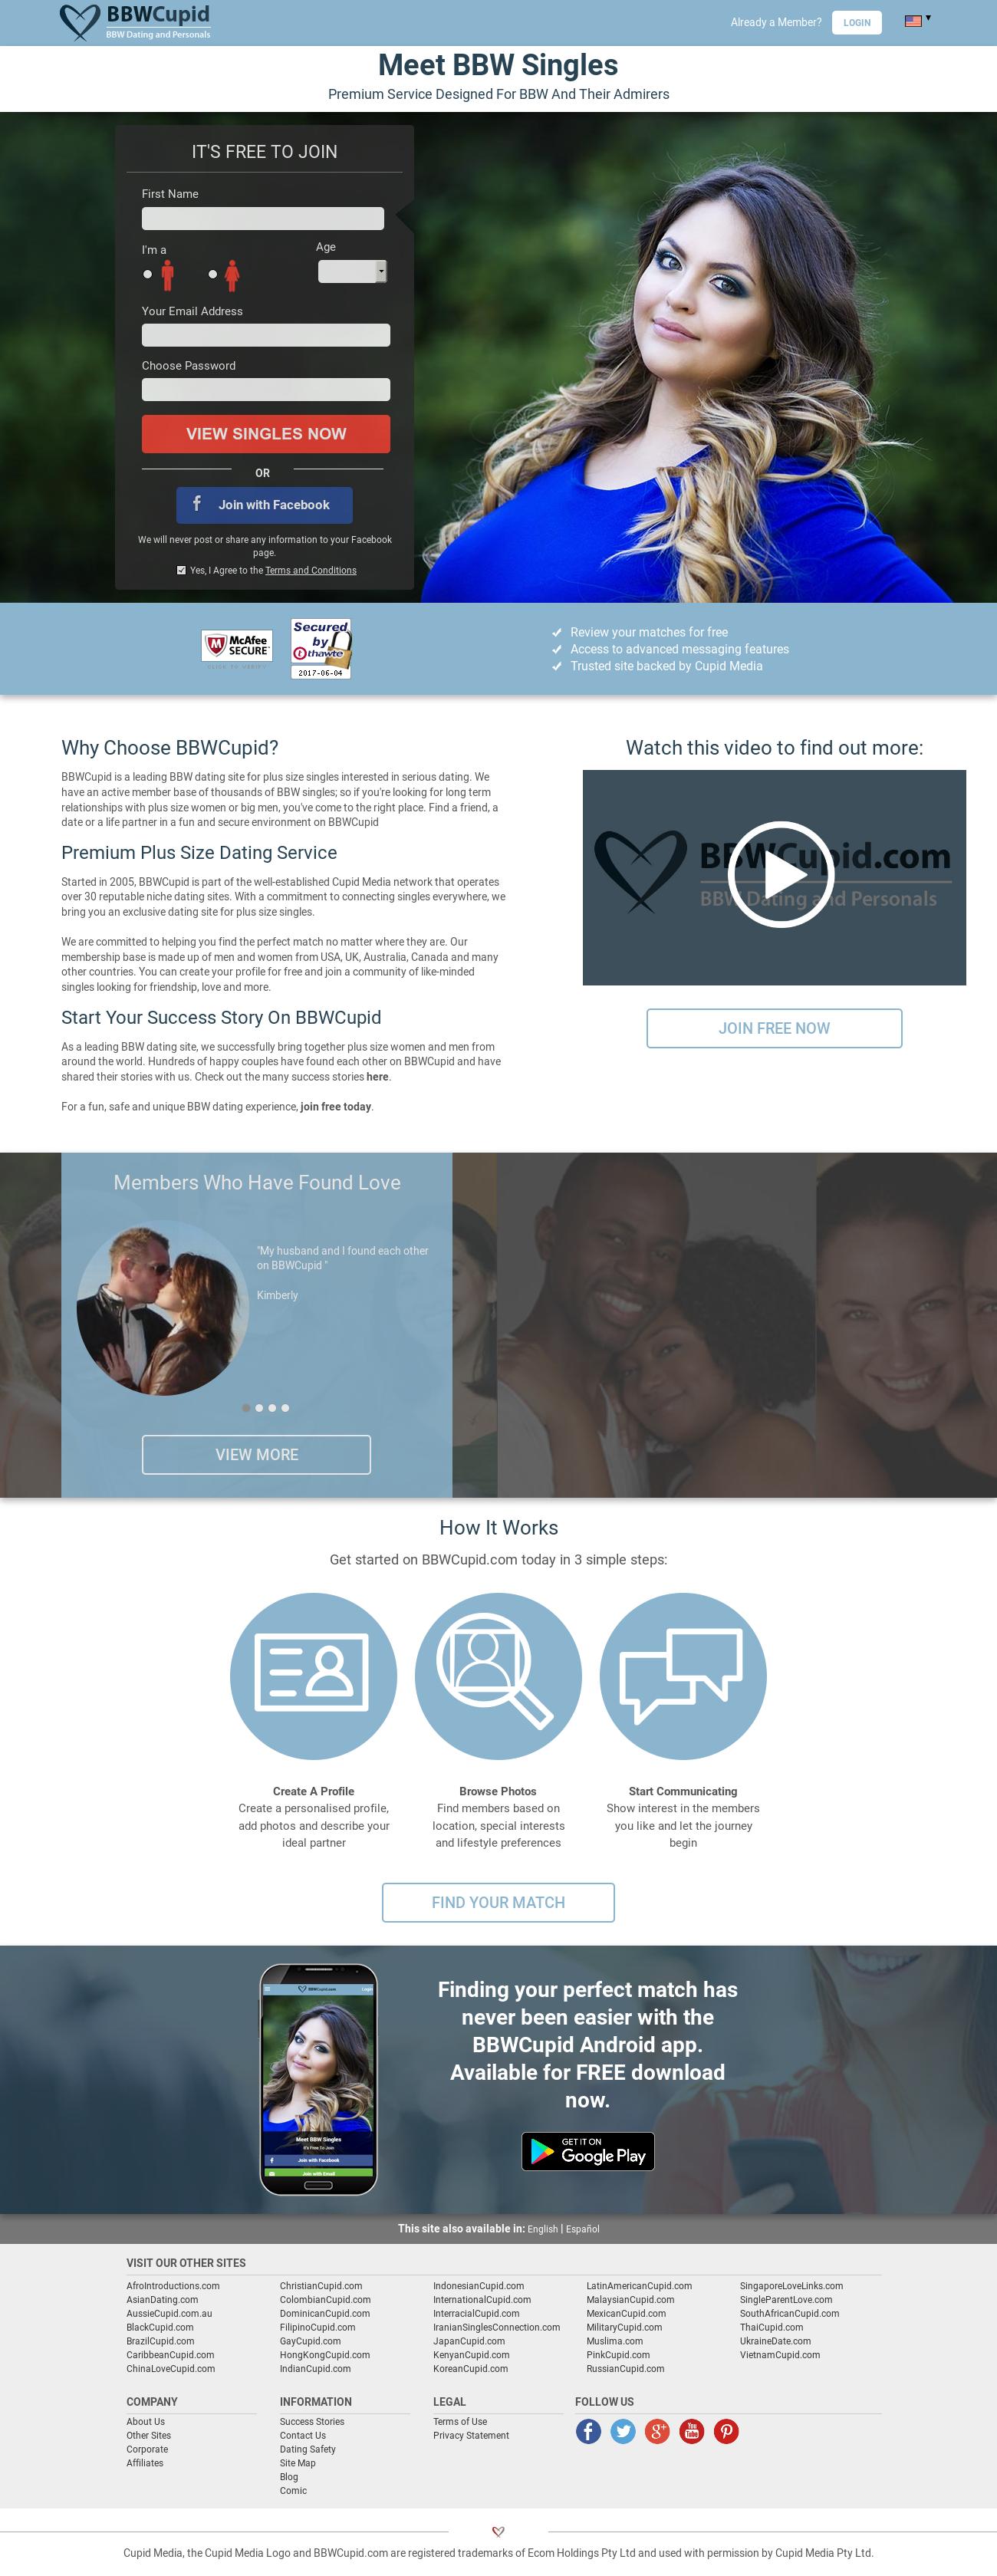 Plus koko online dating Website